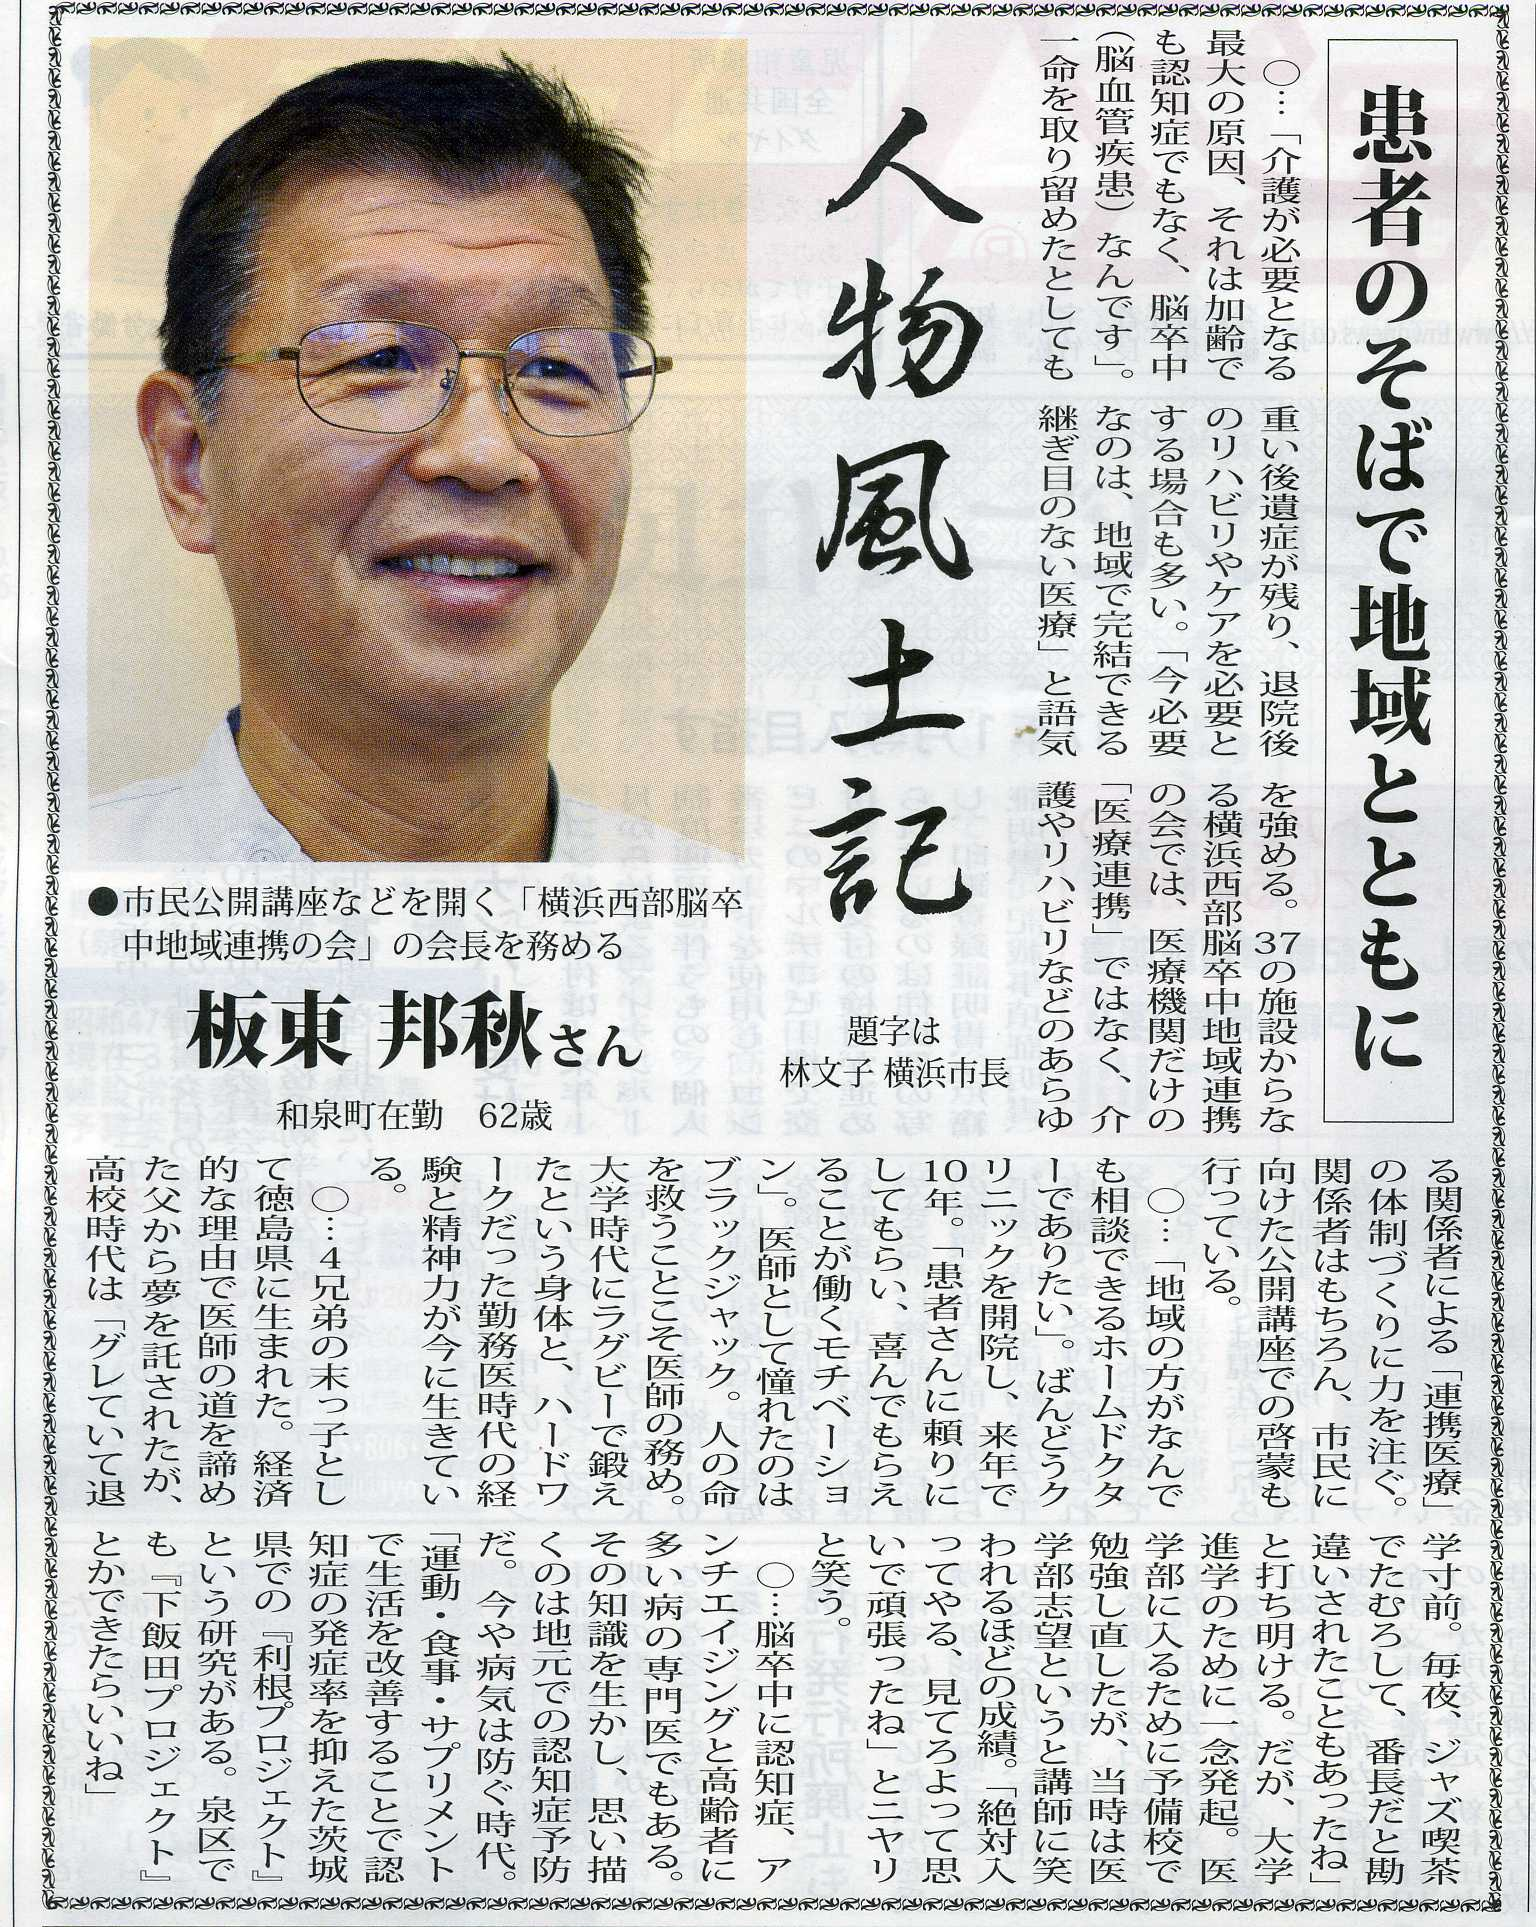 20151217タウンニュース人物風土記.jpg